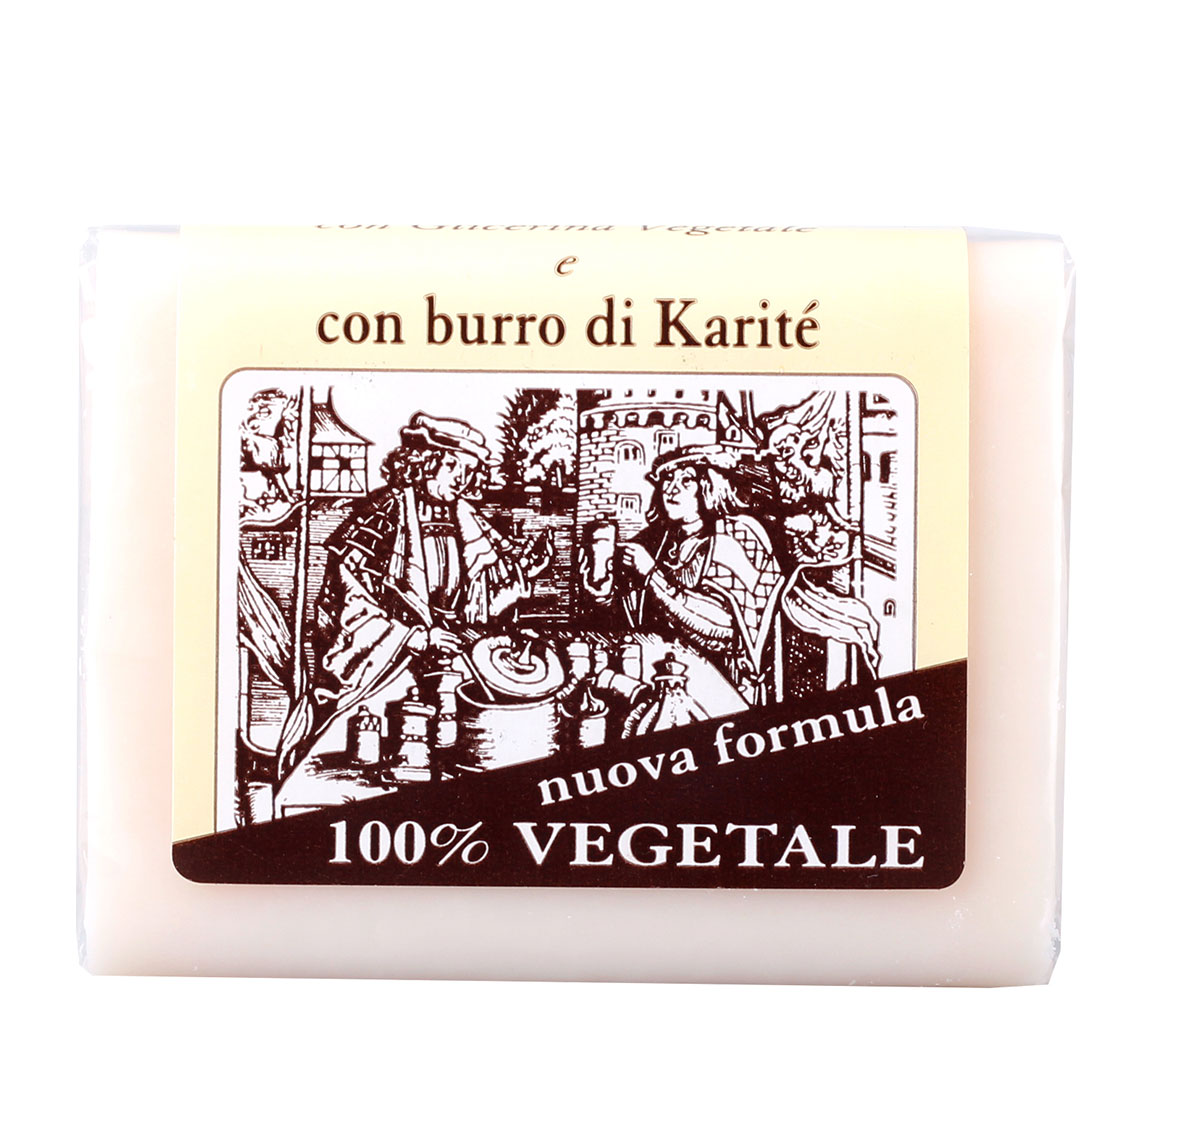 Iteritalia Мыло натуральное глицериновое с маслом Ши 150 г9Натуральное косметическое глицериновое мыло коллекции МАСТЕРА МЫЛОВАРЫ изготовлено из 100% растительных ингредиентов в соответствии с античными традициями мастеров Саронно. Обогащено глицерином с добавлением масла ши, обладает увлажняющим и смягчающим действием. Подходит для всех типов кожи.